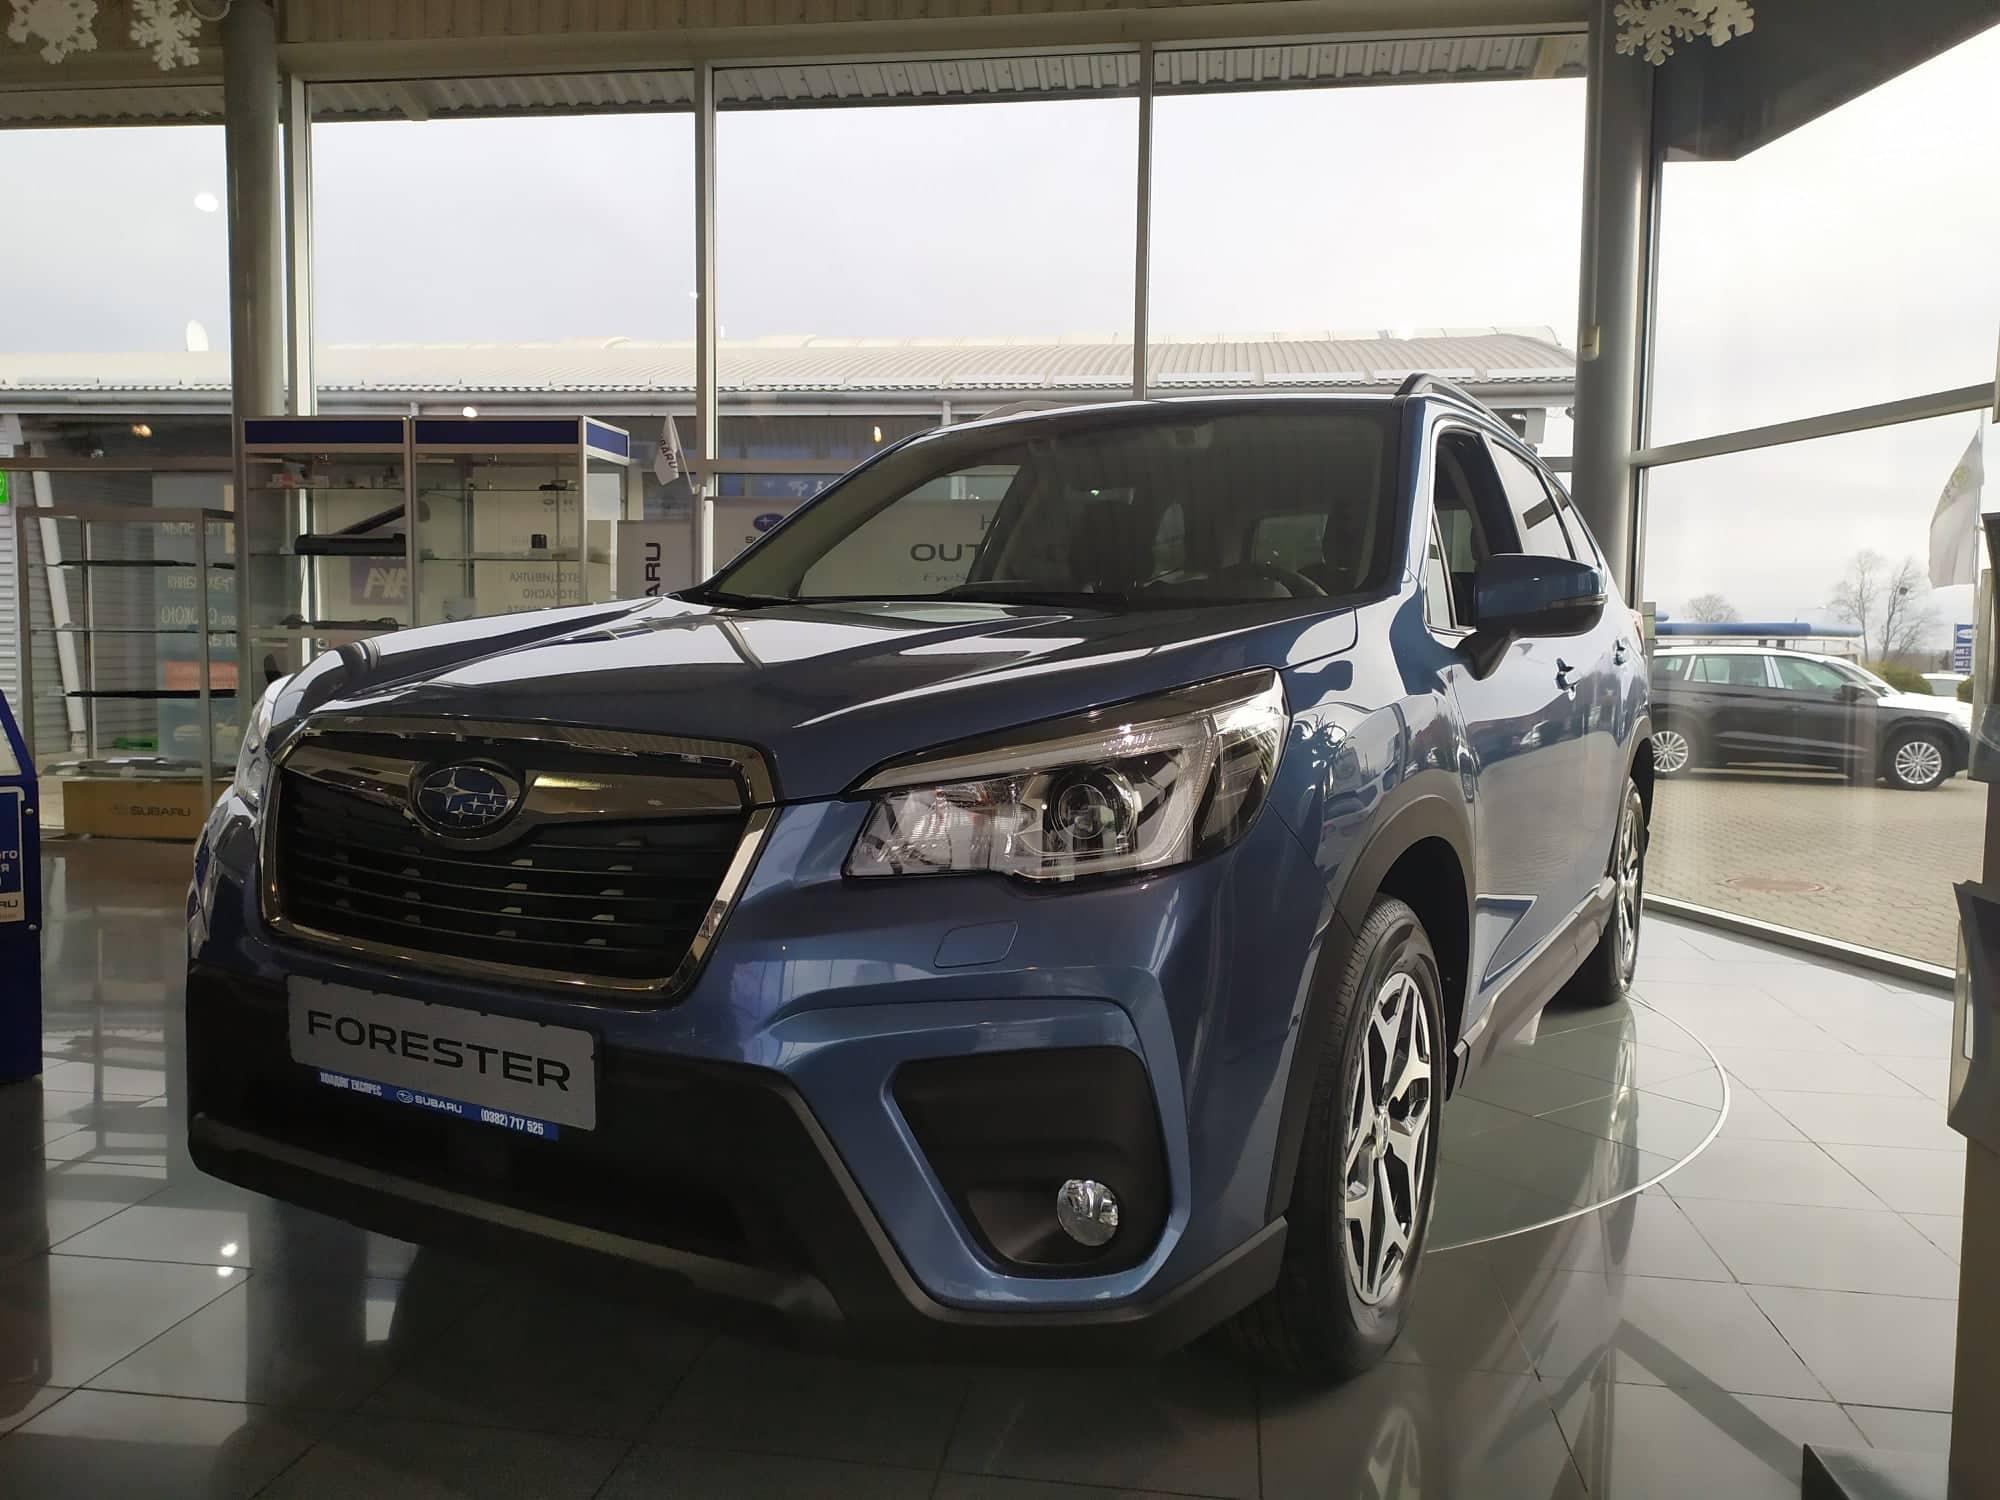 Subaru Forester визнано найбезпечнішим авто 2019 року серед компактних кросоверів за версією Euro NCAP!!!